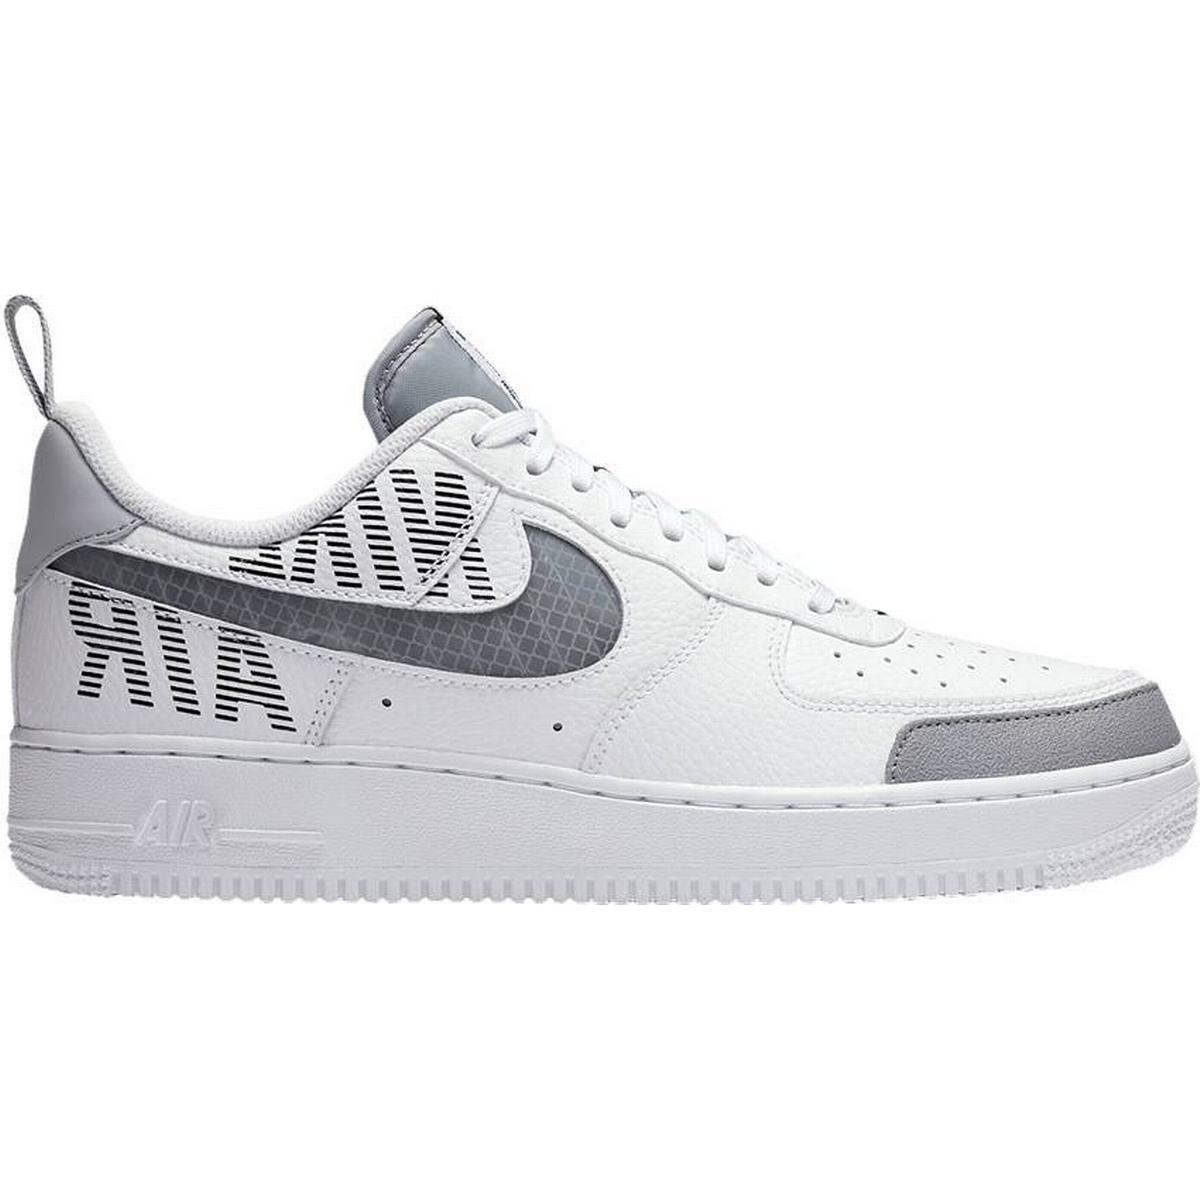 Nike air force 1 07 lv8 • Find billigste pris hos